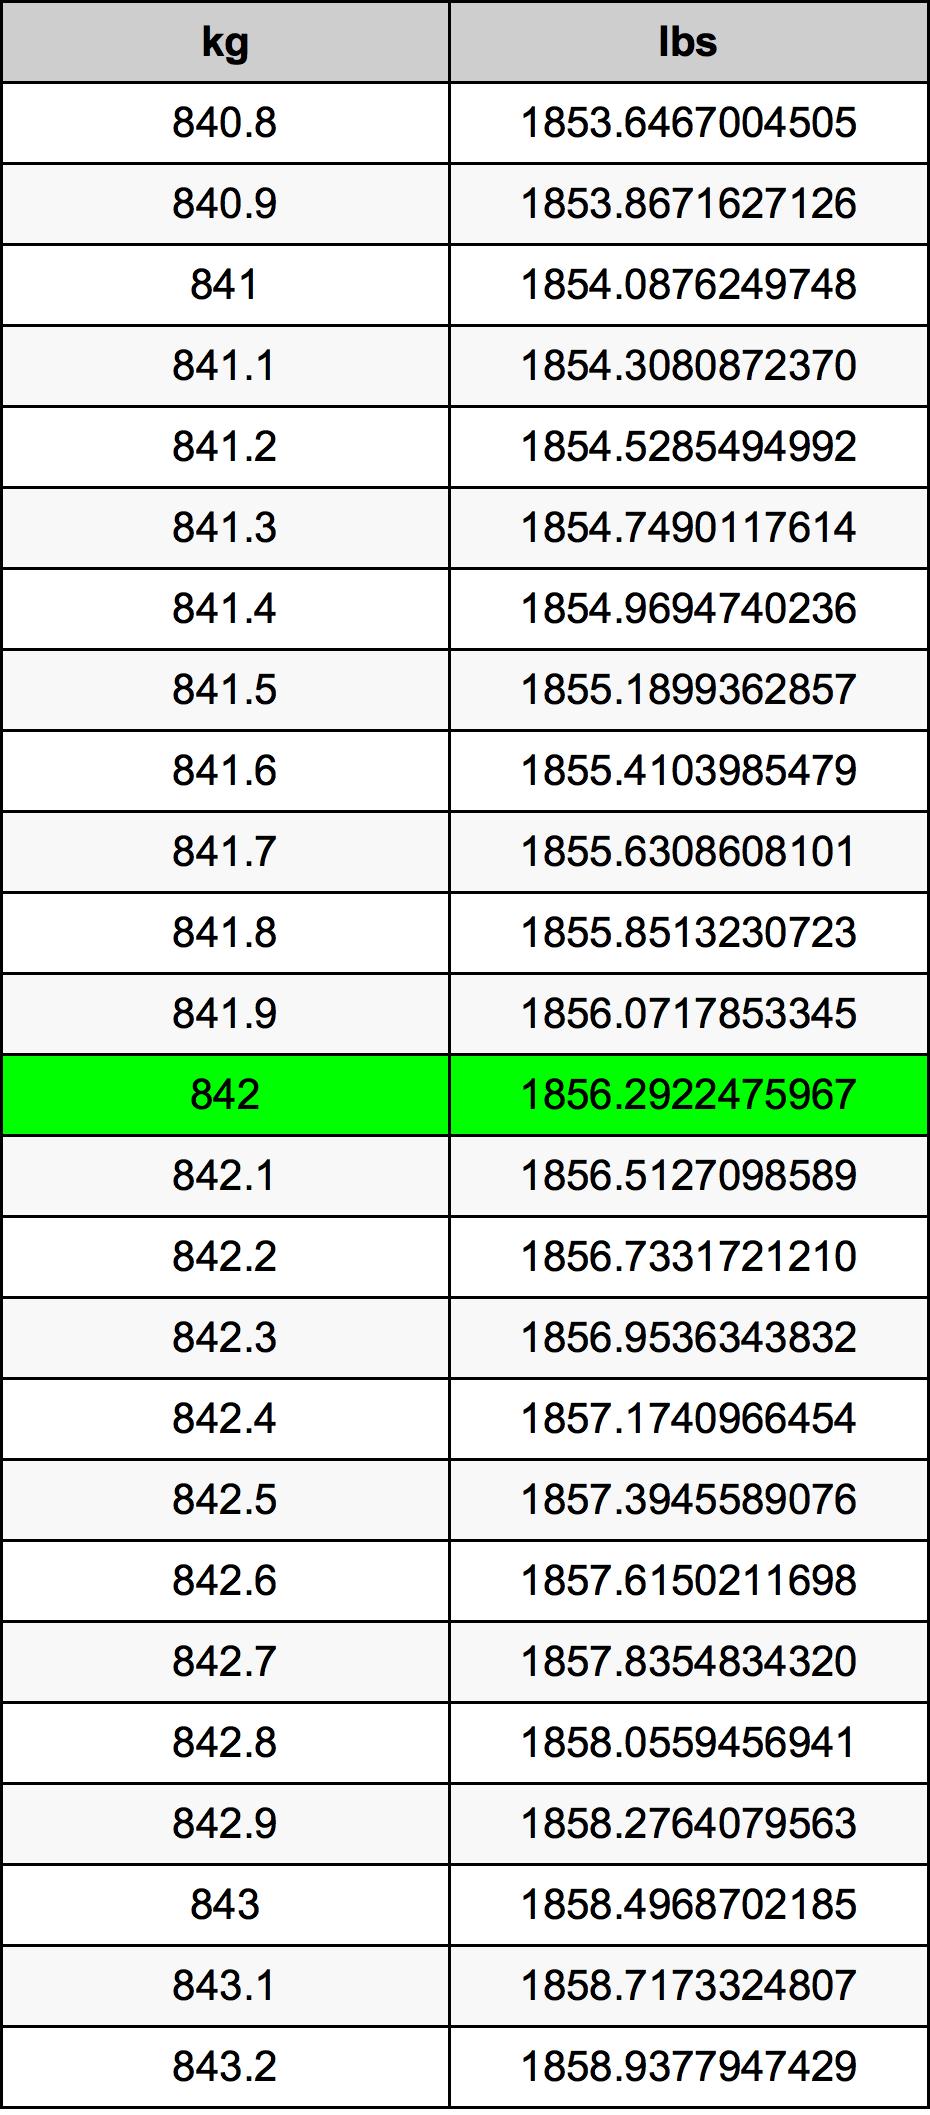 842 Kilogram Table